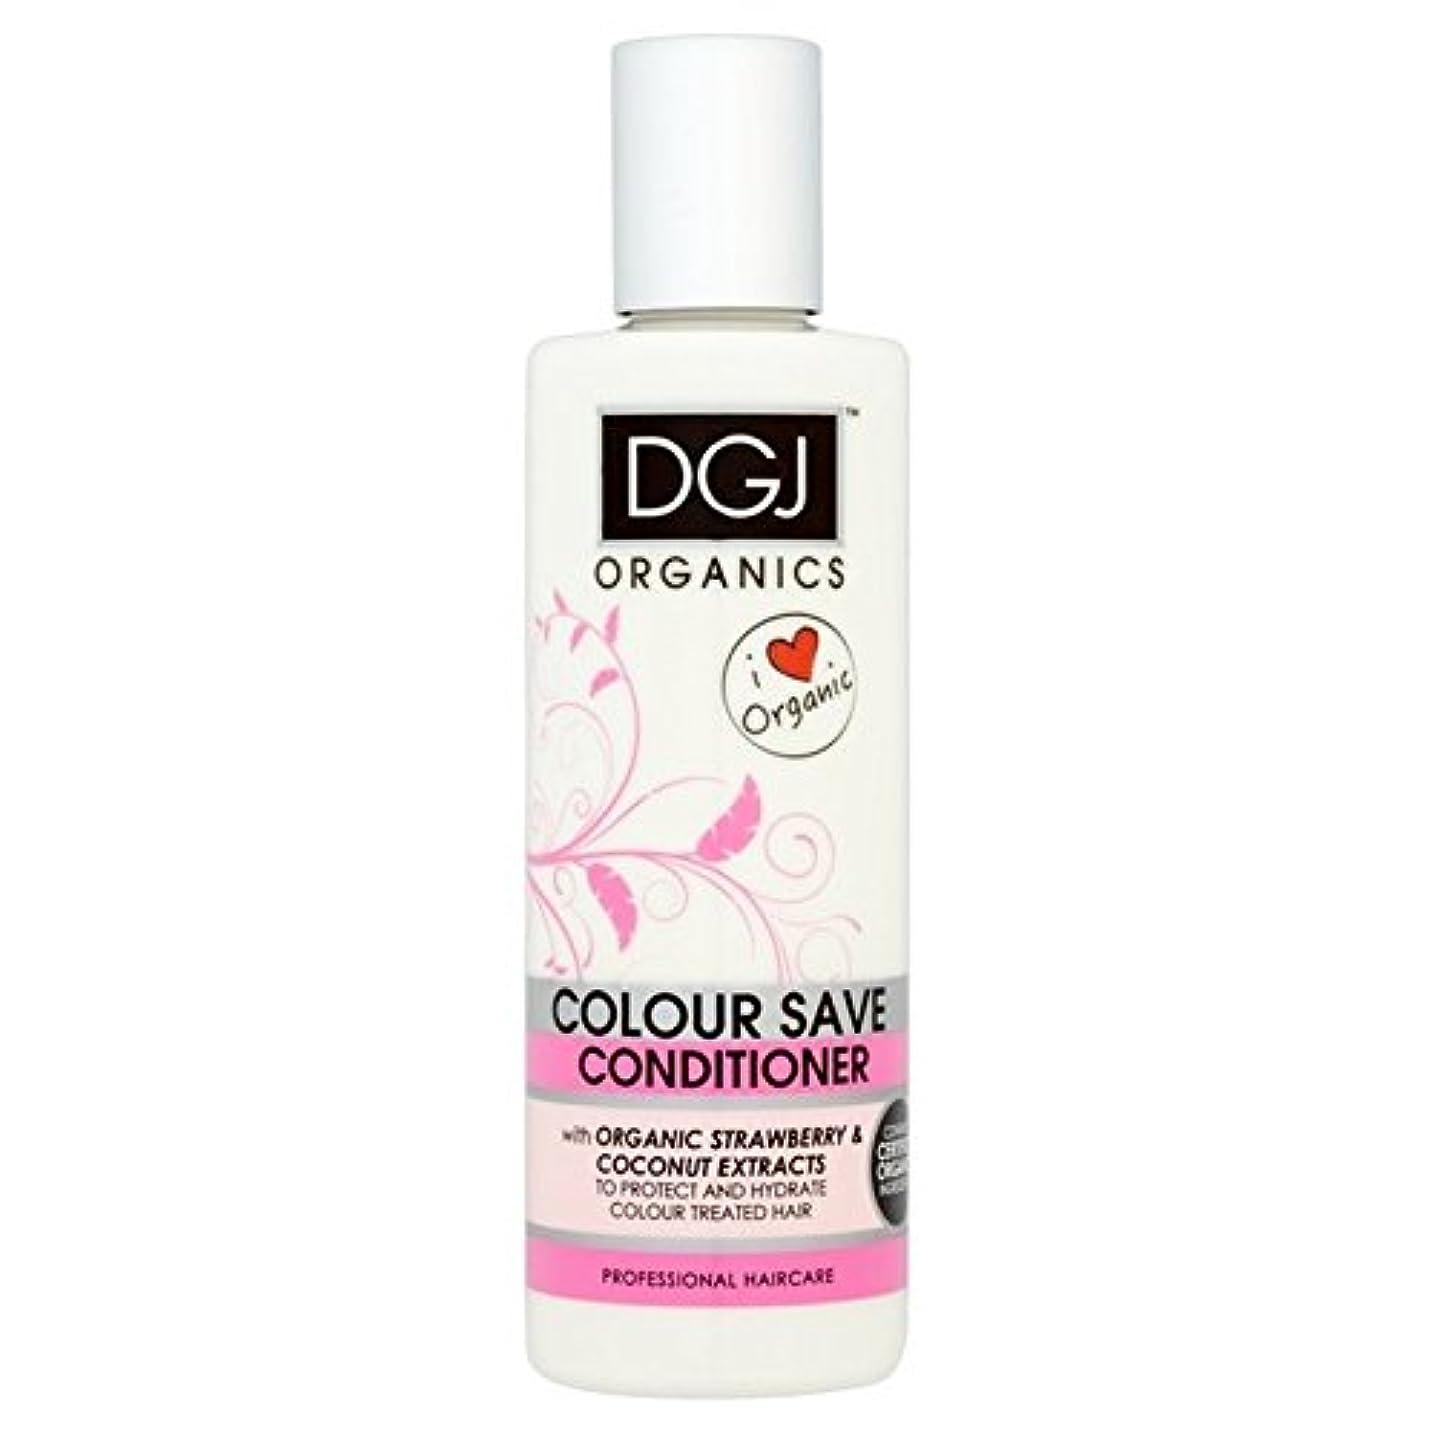 常習者可動入力有機物の色コンディショナー250を保存 x2 - DGJ Organics Colour Save Conditioner 250ml (Pack of 2) [並行輸入品]